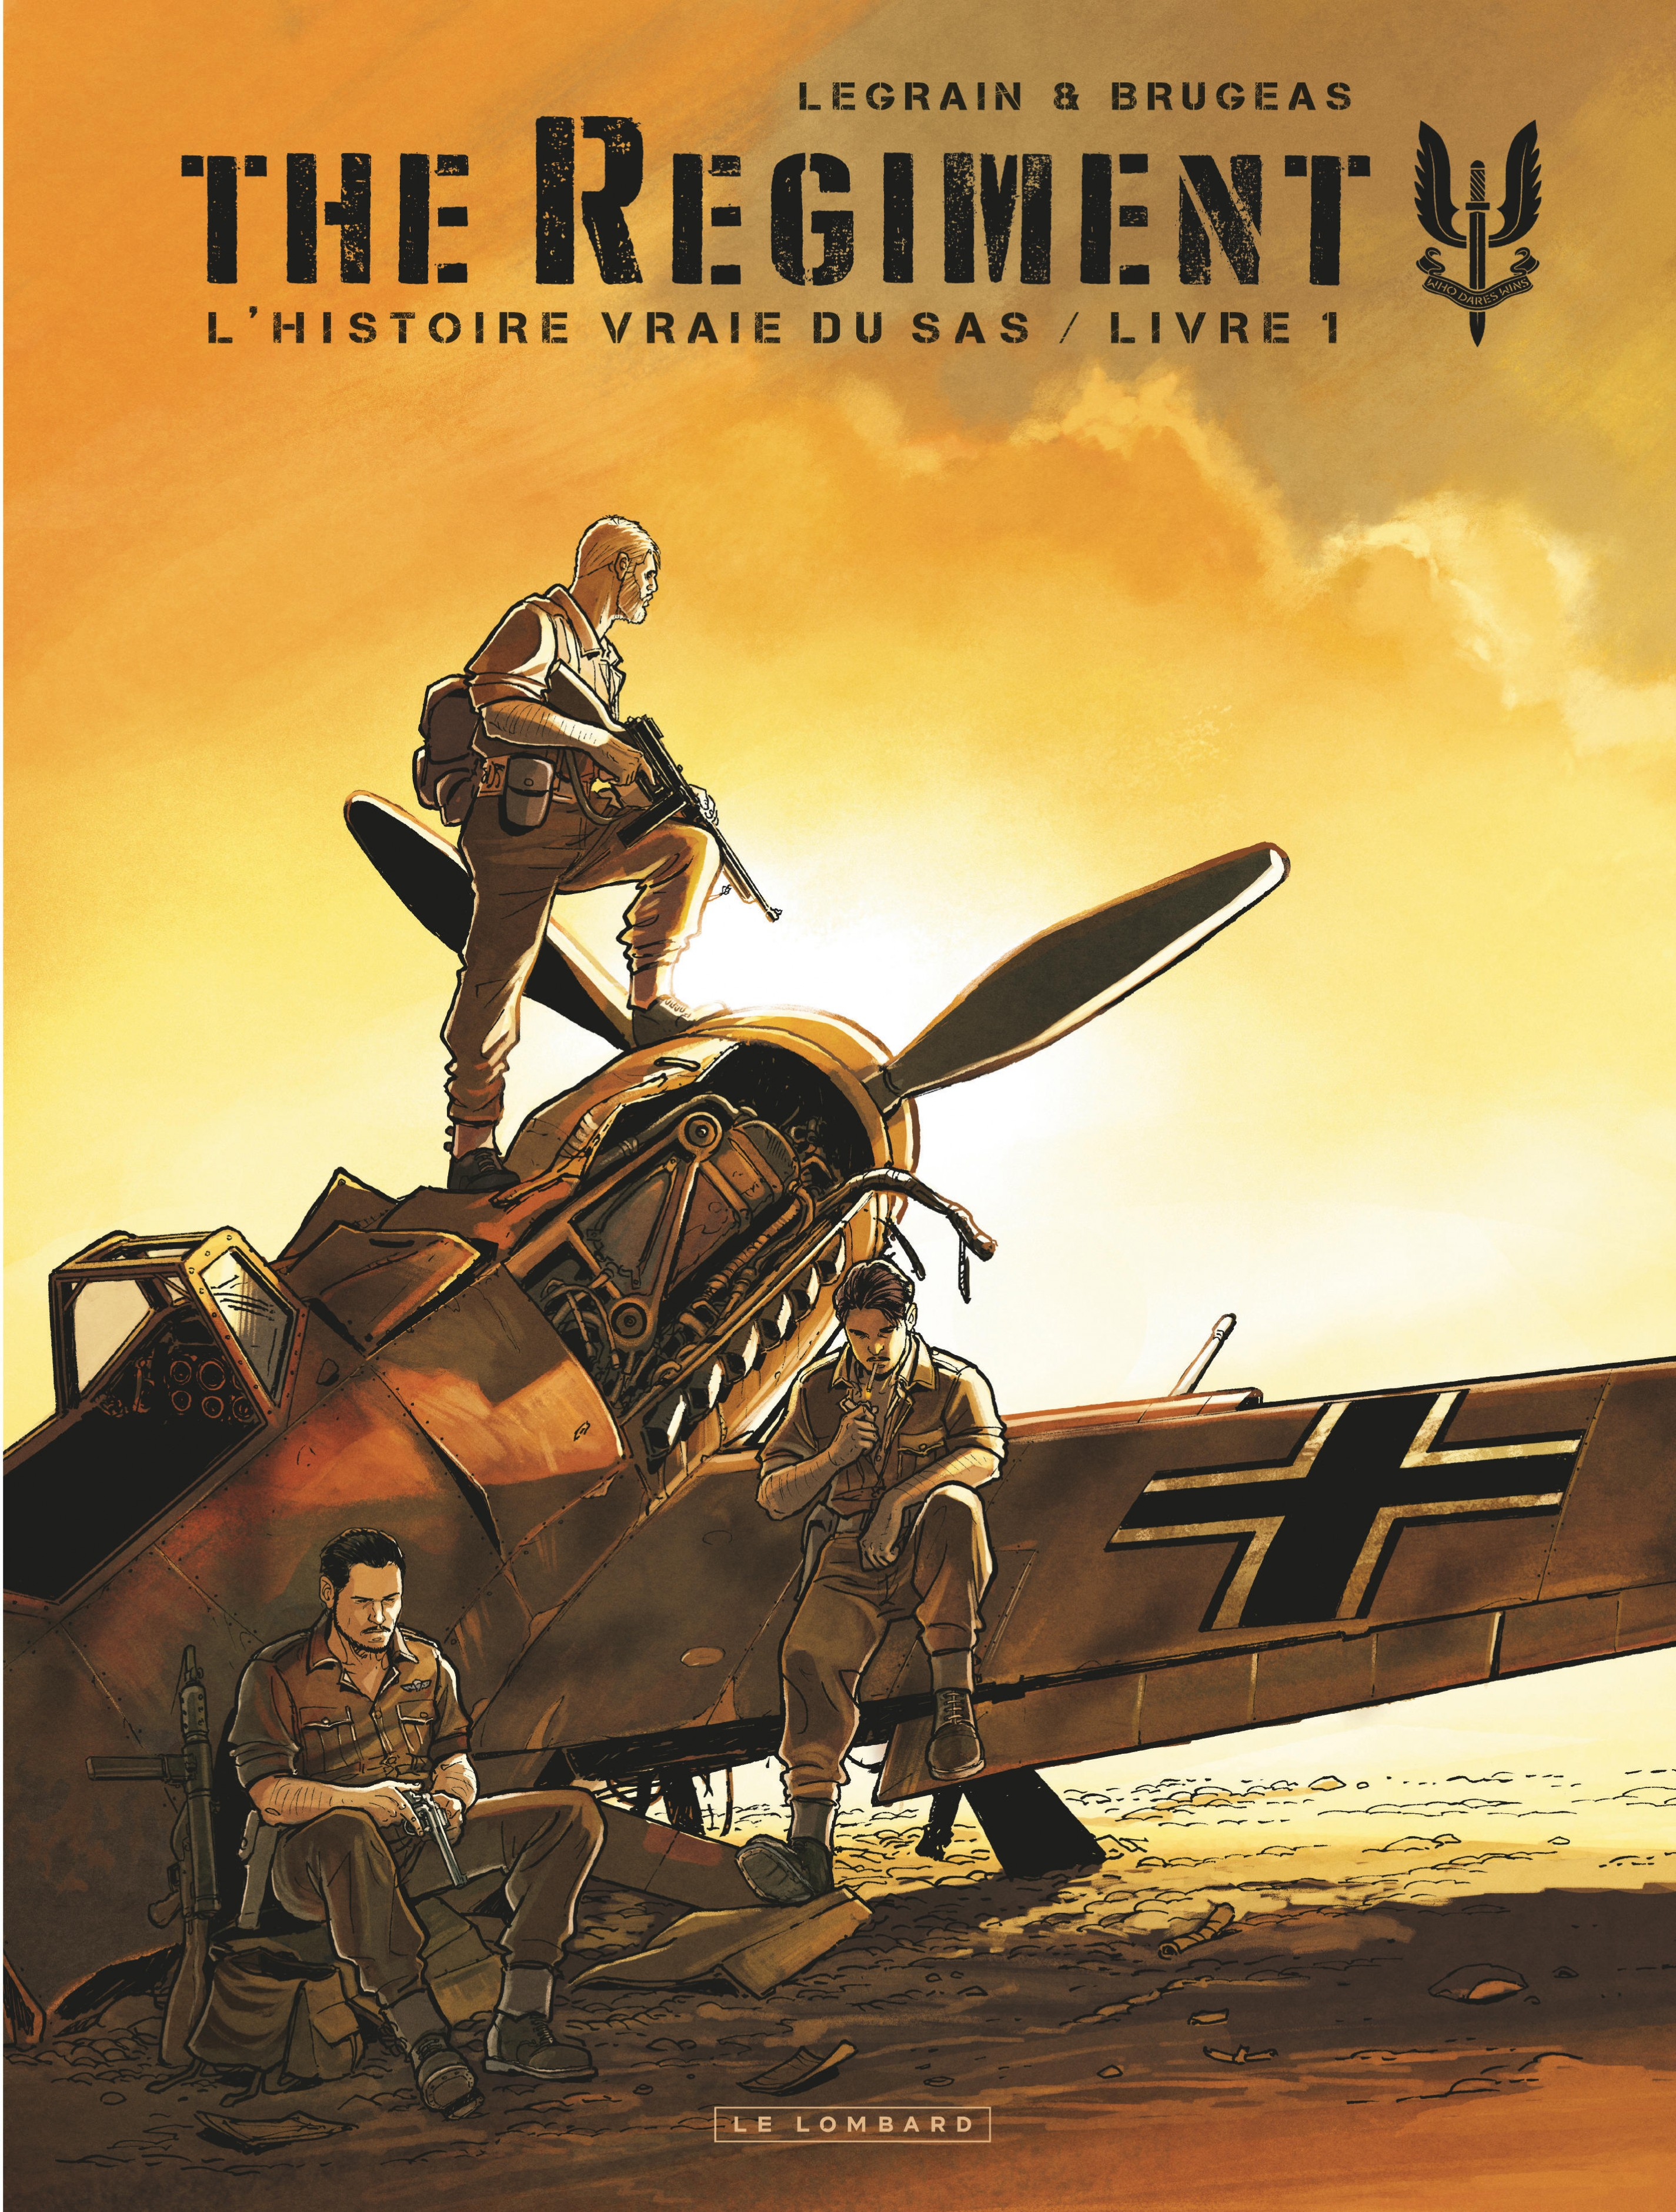 The Regiment - L'Histoire vraie du SAS - Tome 1 - Livre 1